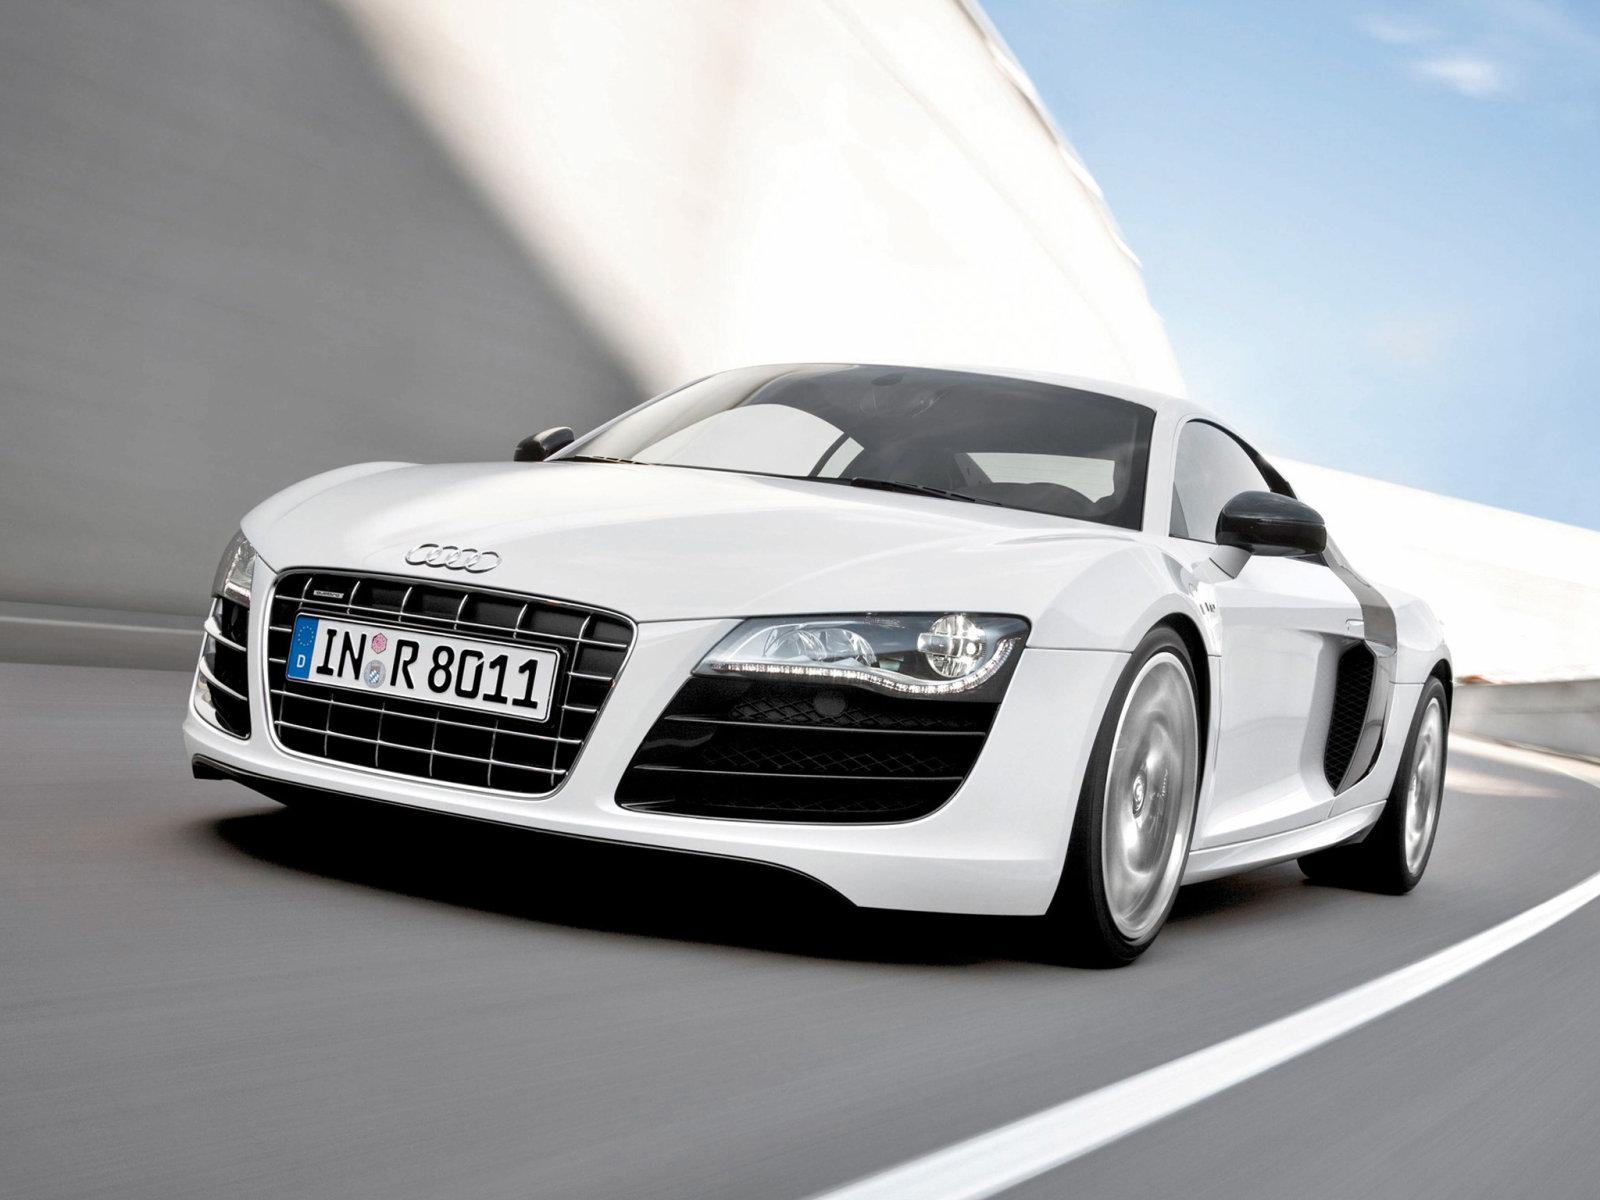 Скачать картинку бесплатно Audi, R8, авто, машины, автомобили, фотка